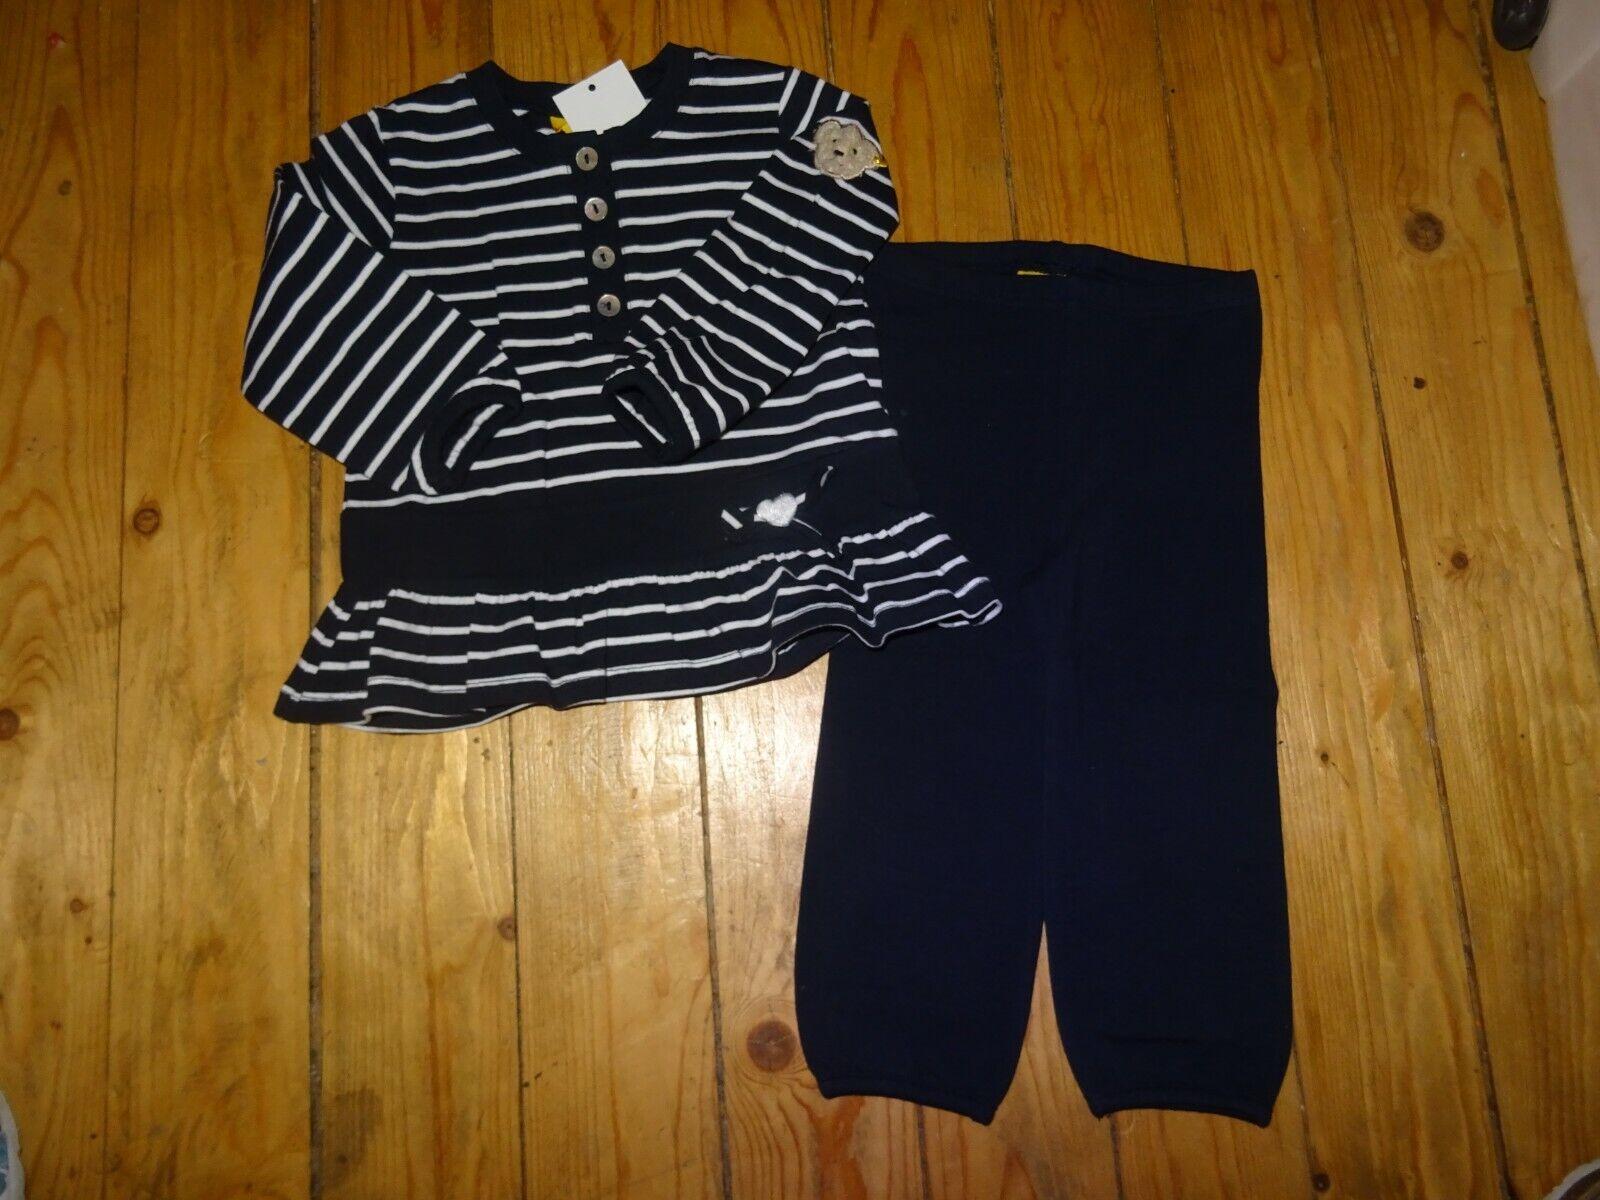 Steiff Girls College Style zauberhaftes 2tlg Outfit Gr: 80 Neu mit Etikett